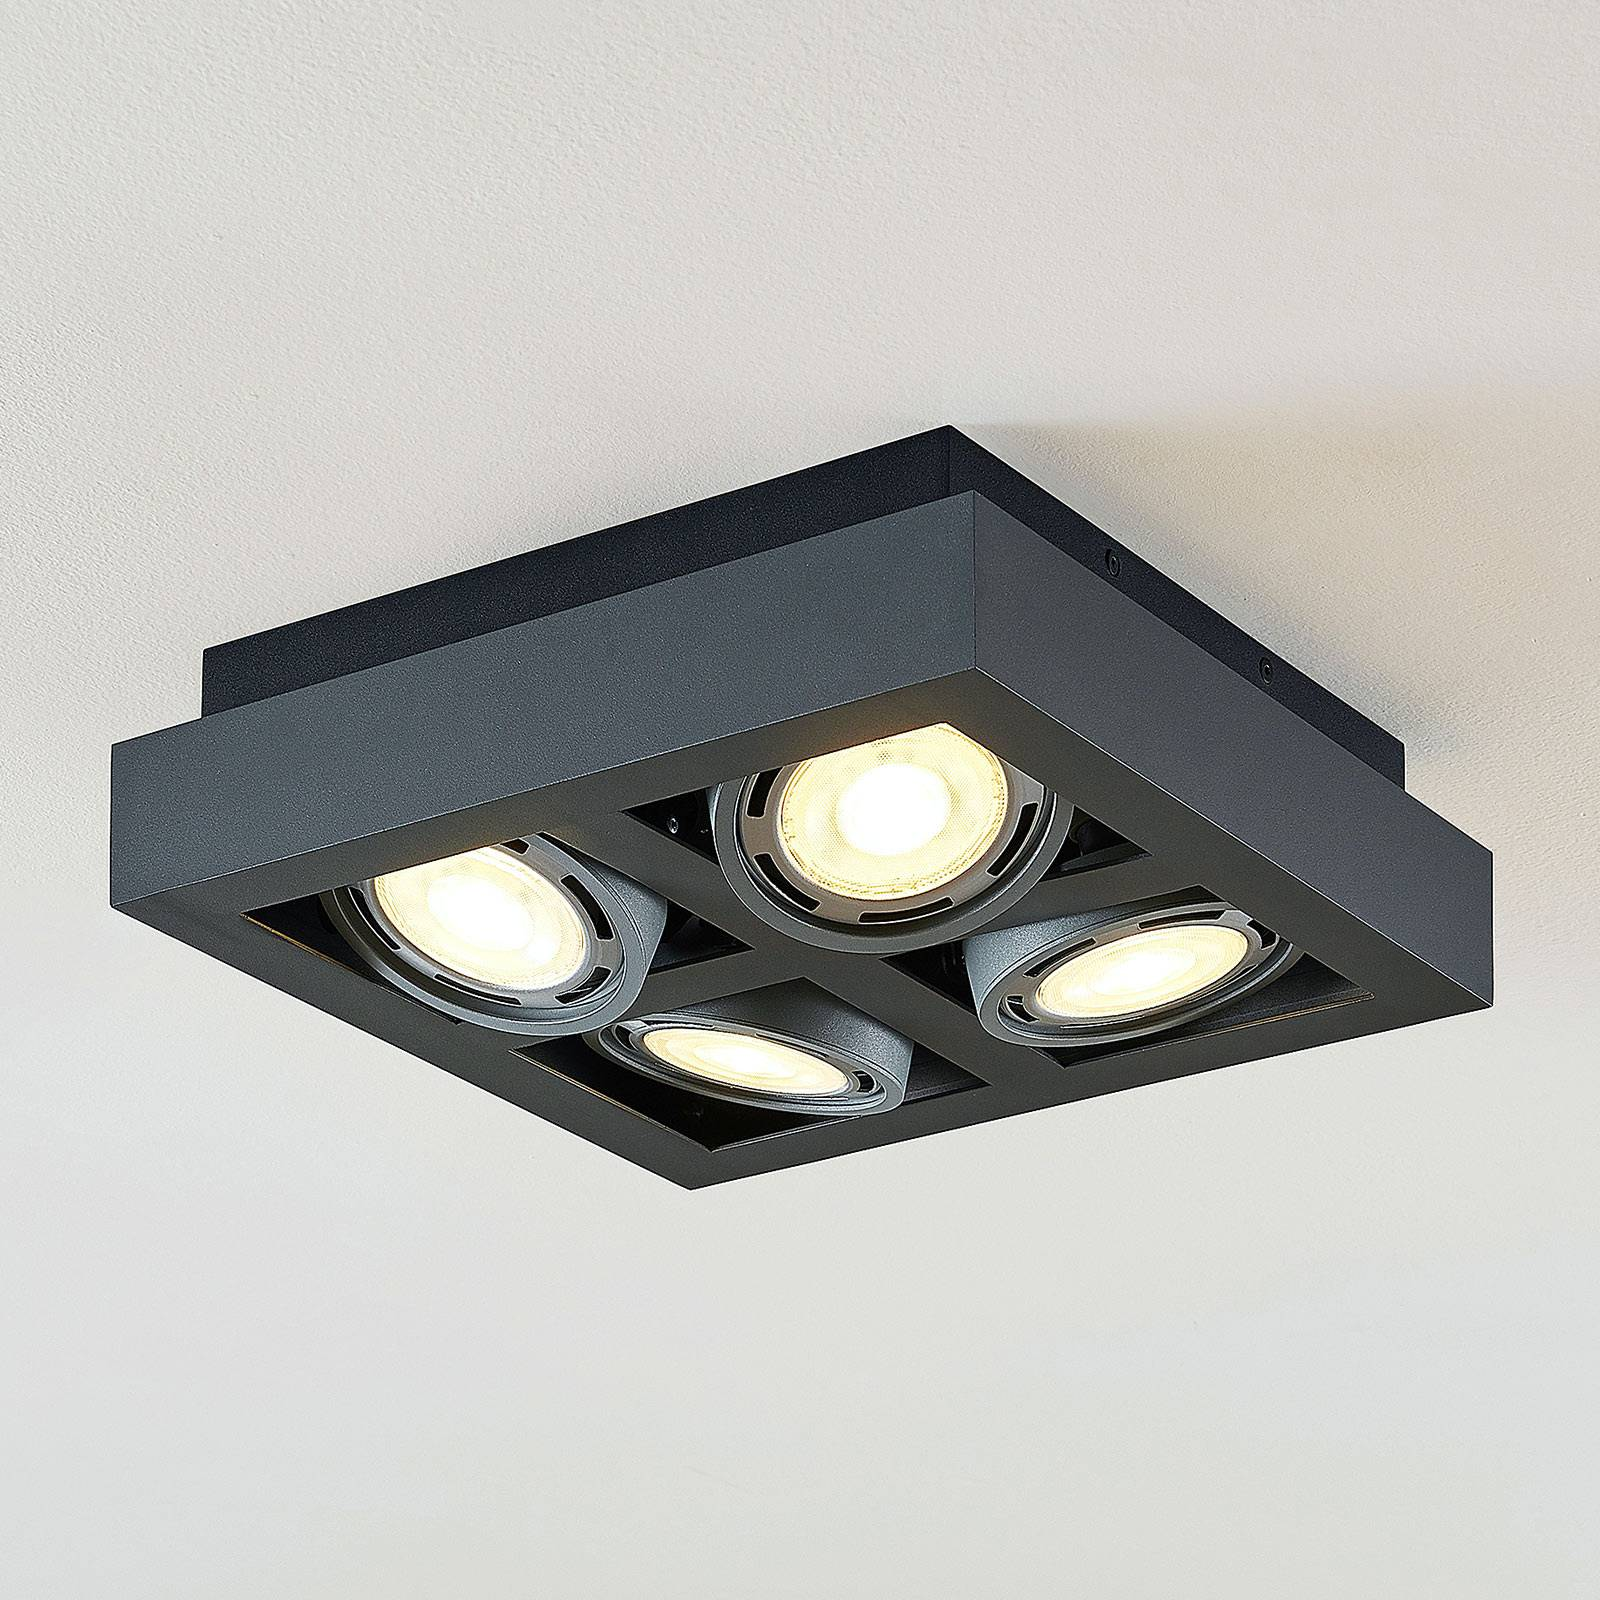 Plafoniera LED Ronka quadrata, 4 luci, grigia